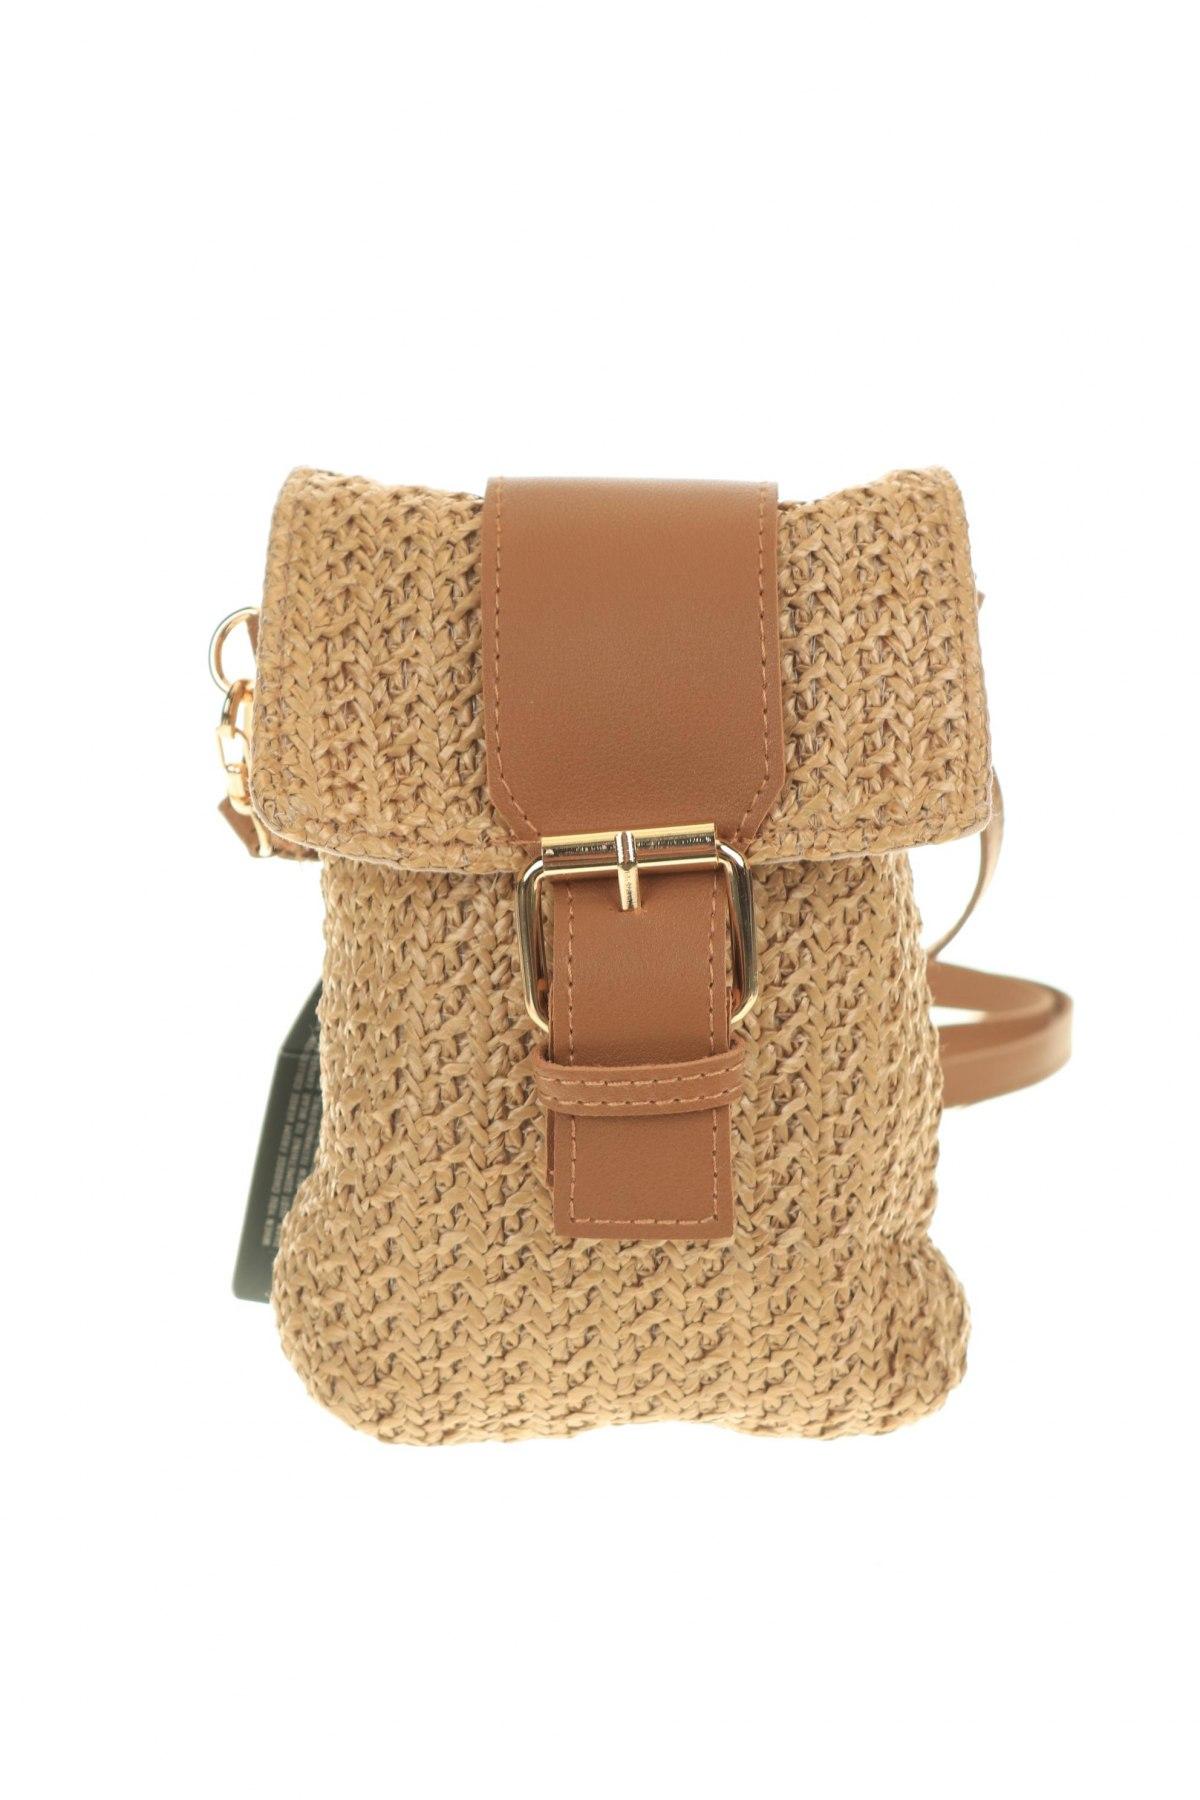 Дамска чанта Verde, Цвят Бежов, Текстил, Цена 21,60лв.